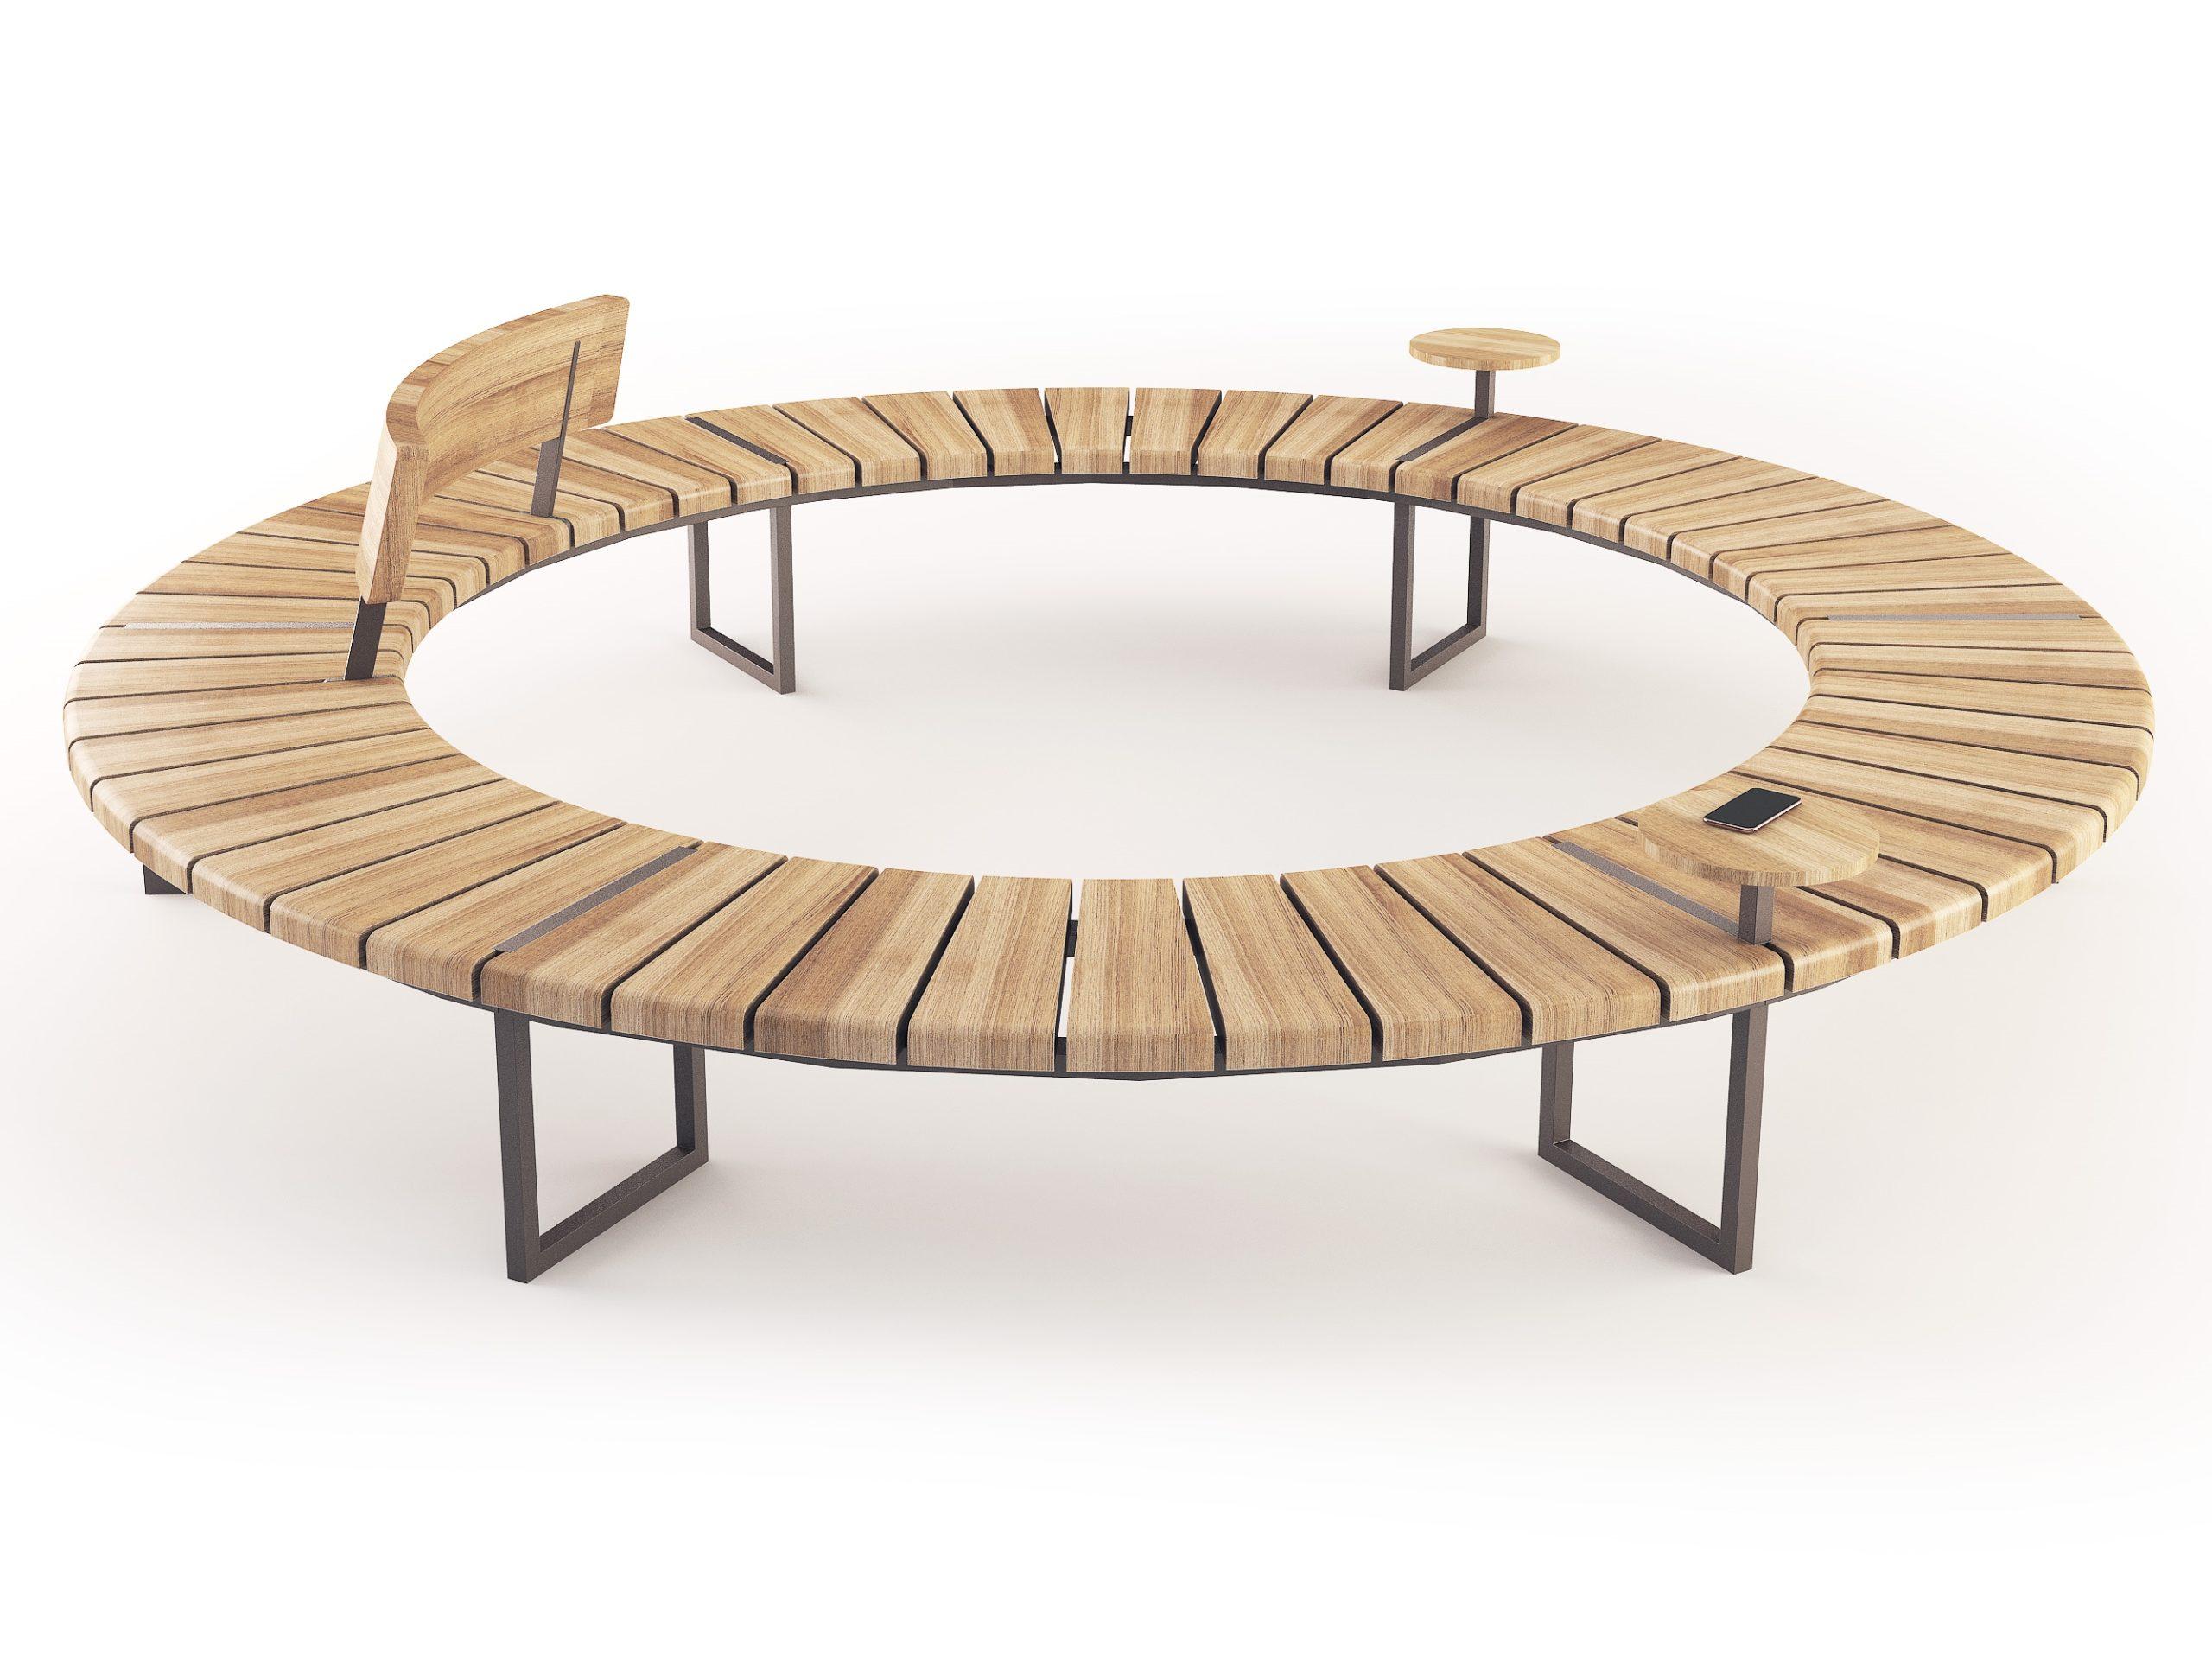 Скамейка VARIATIONS | Round Bench